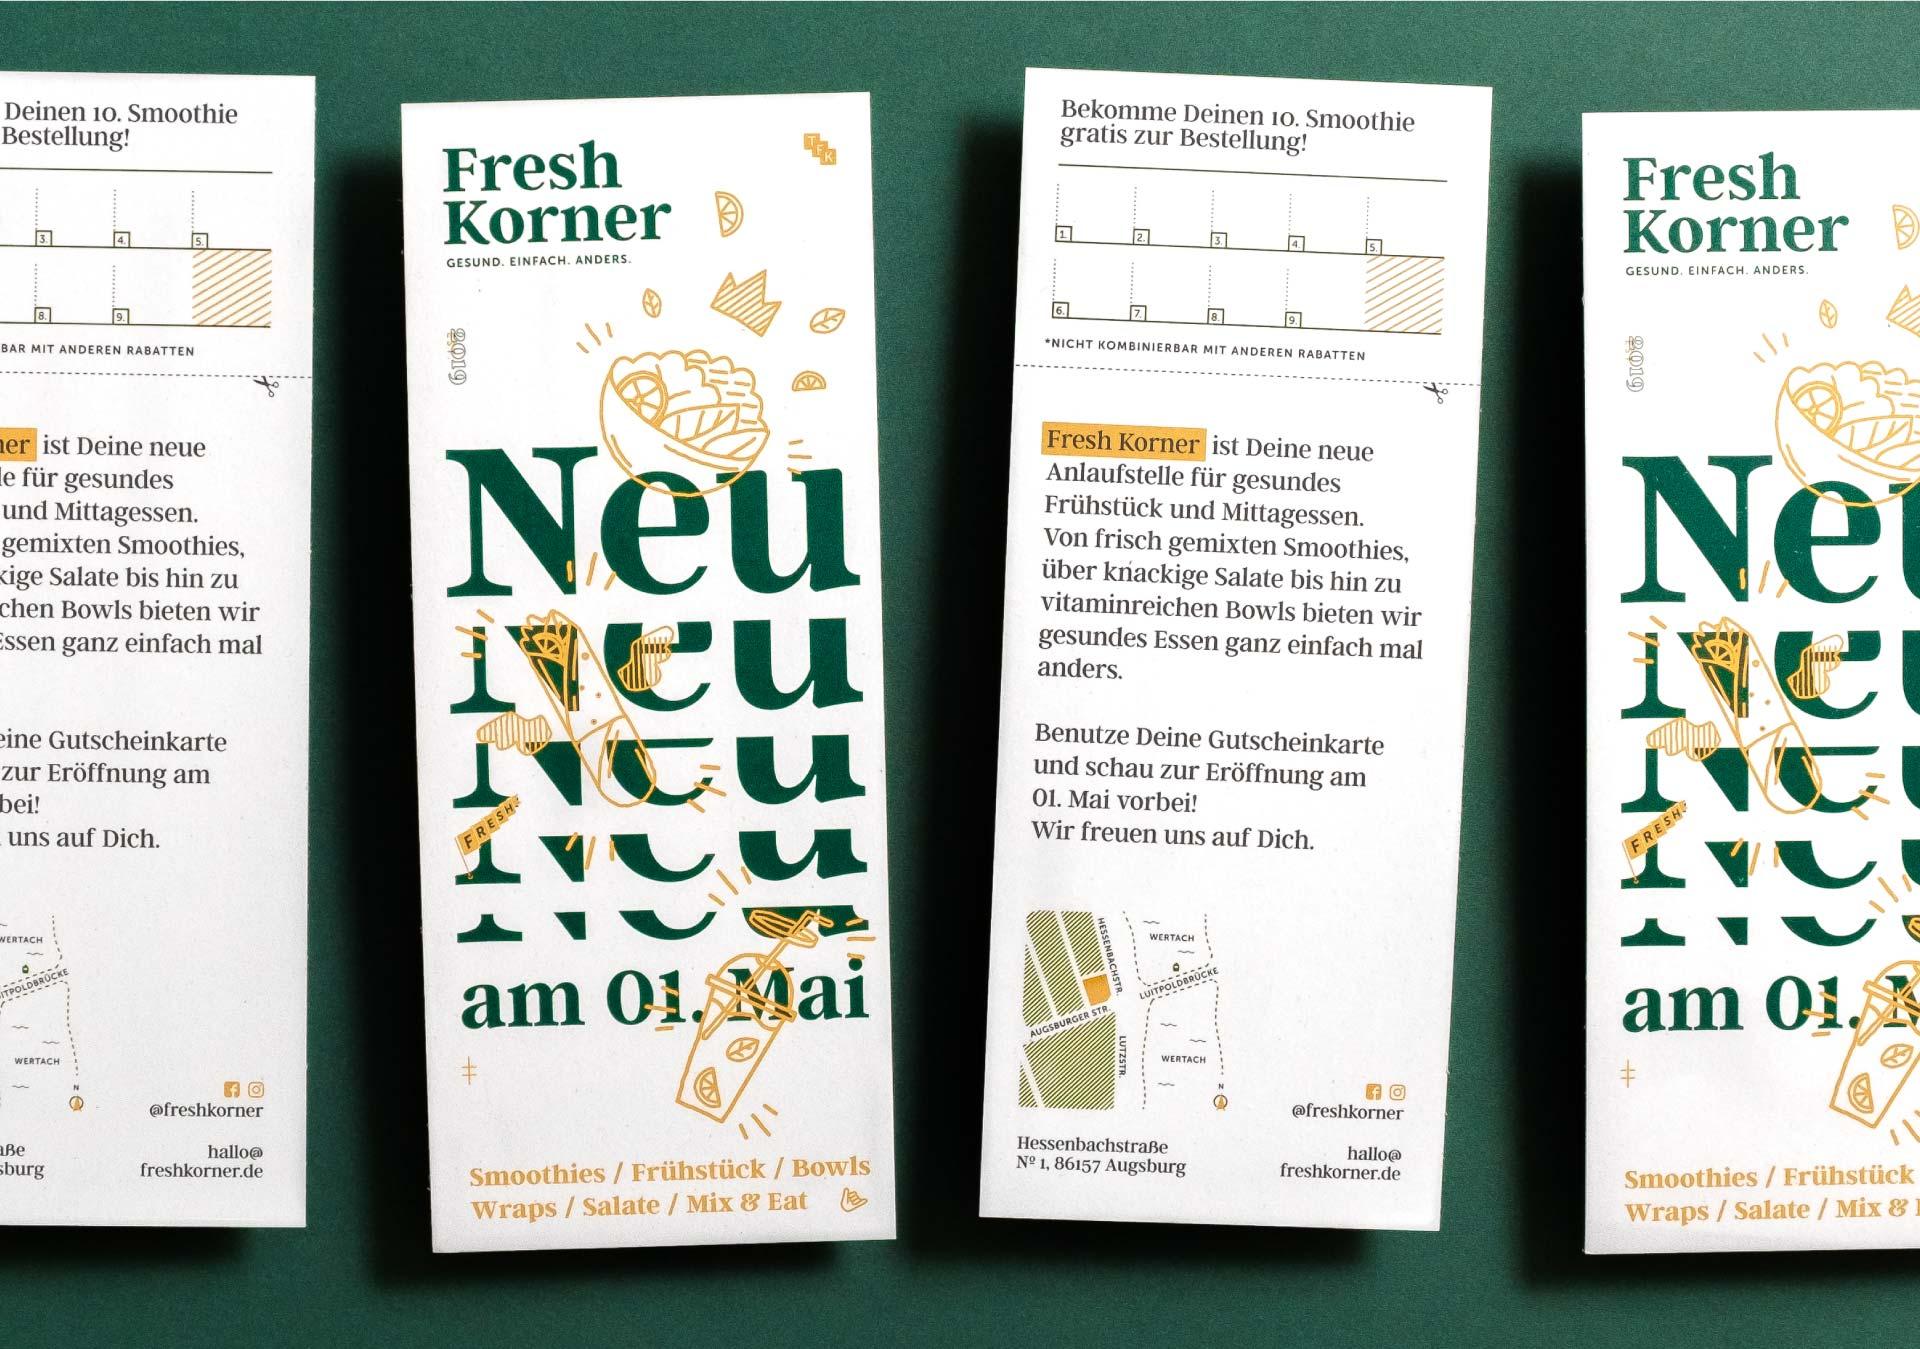 Fresh Korner